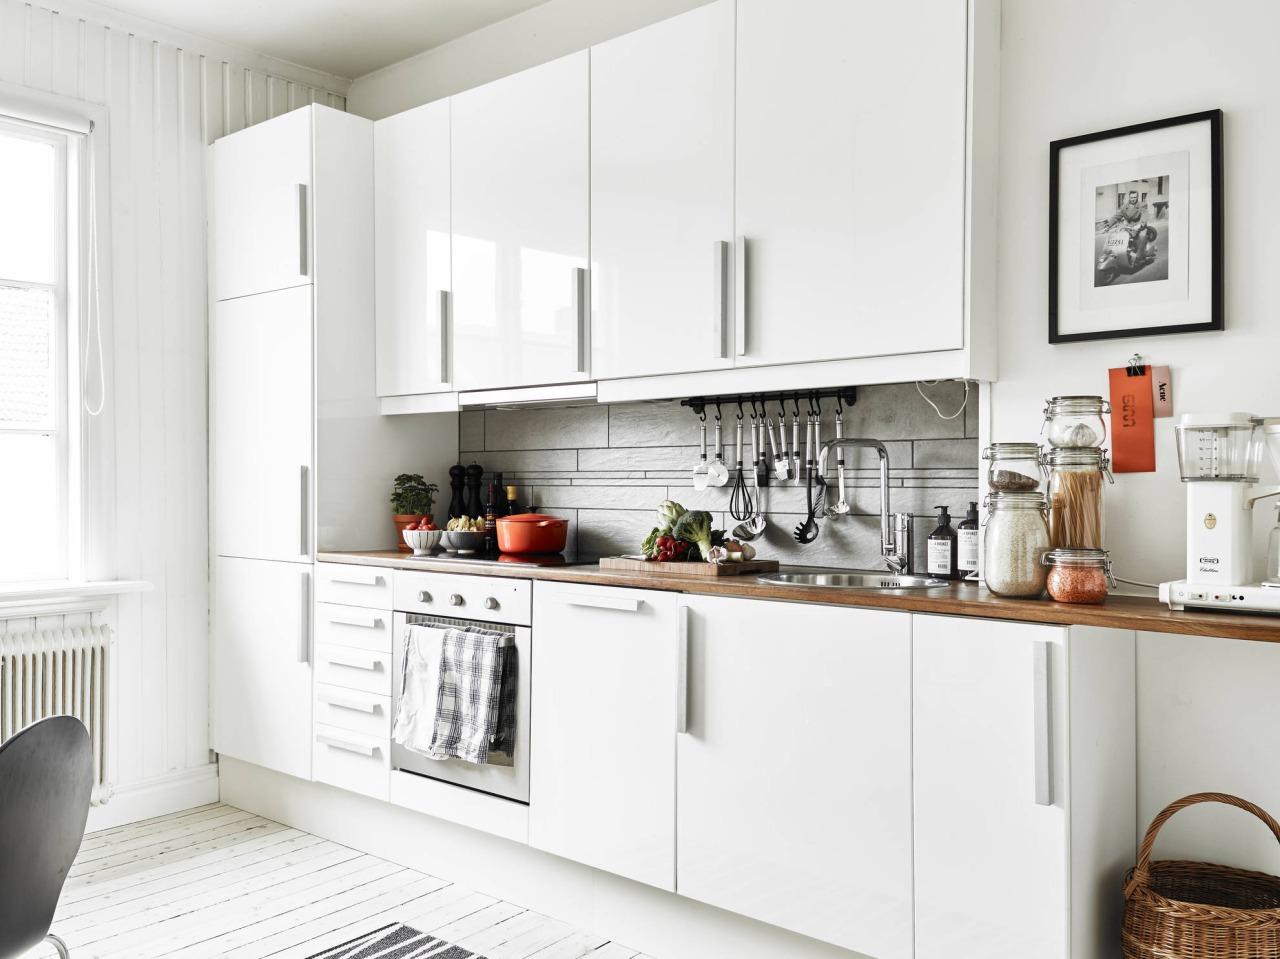 Cozinha Escandinava Ilha Central Que Segue A Proposta Da Cozinha